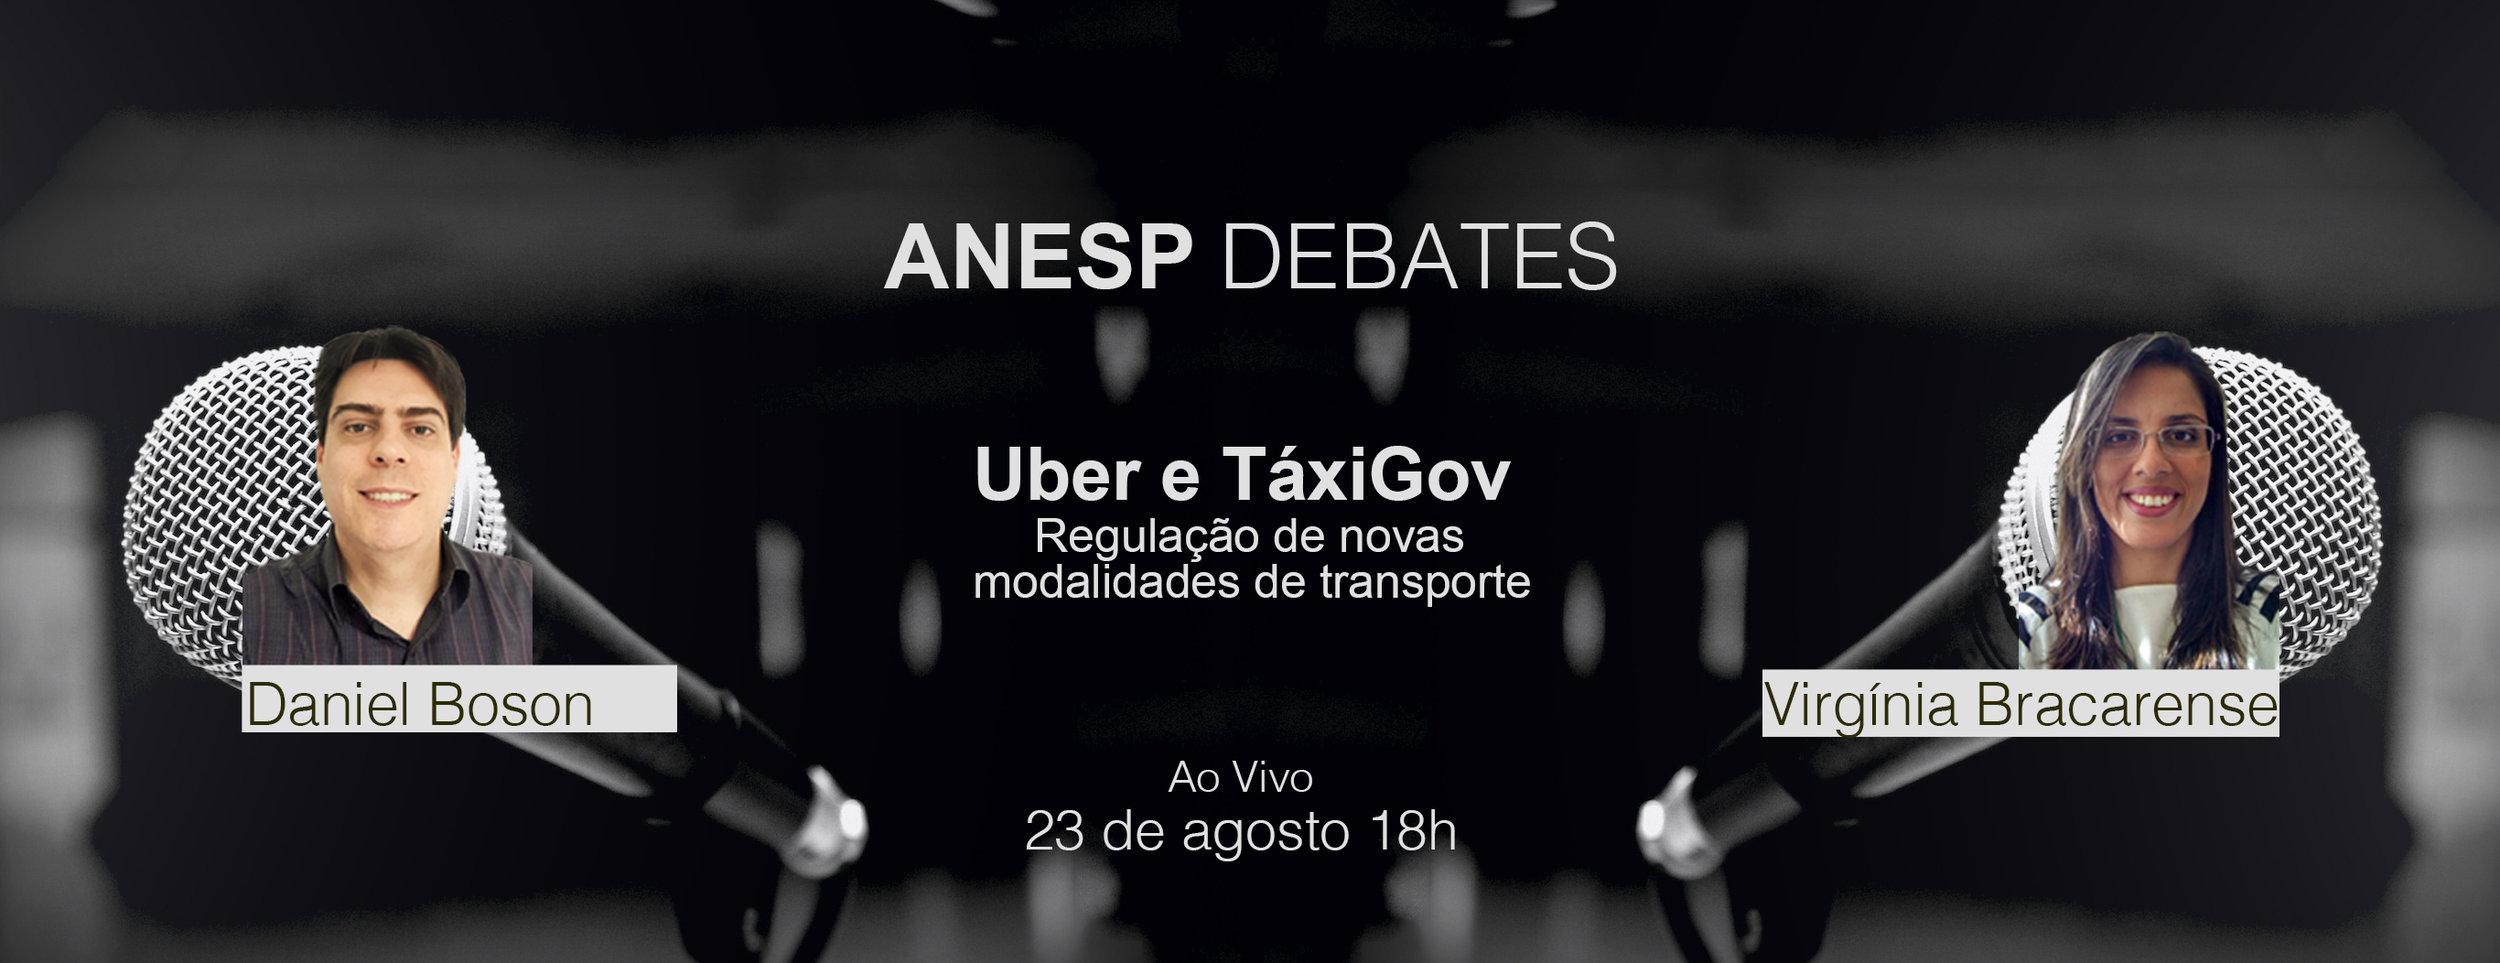 destXT ANESP Debates - Uber e Taxi-Gov.jpg